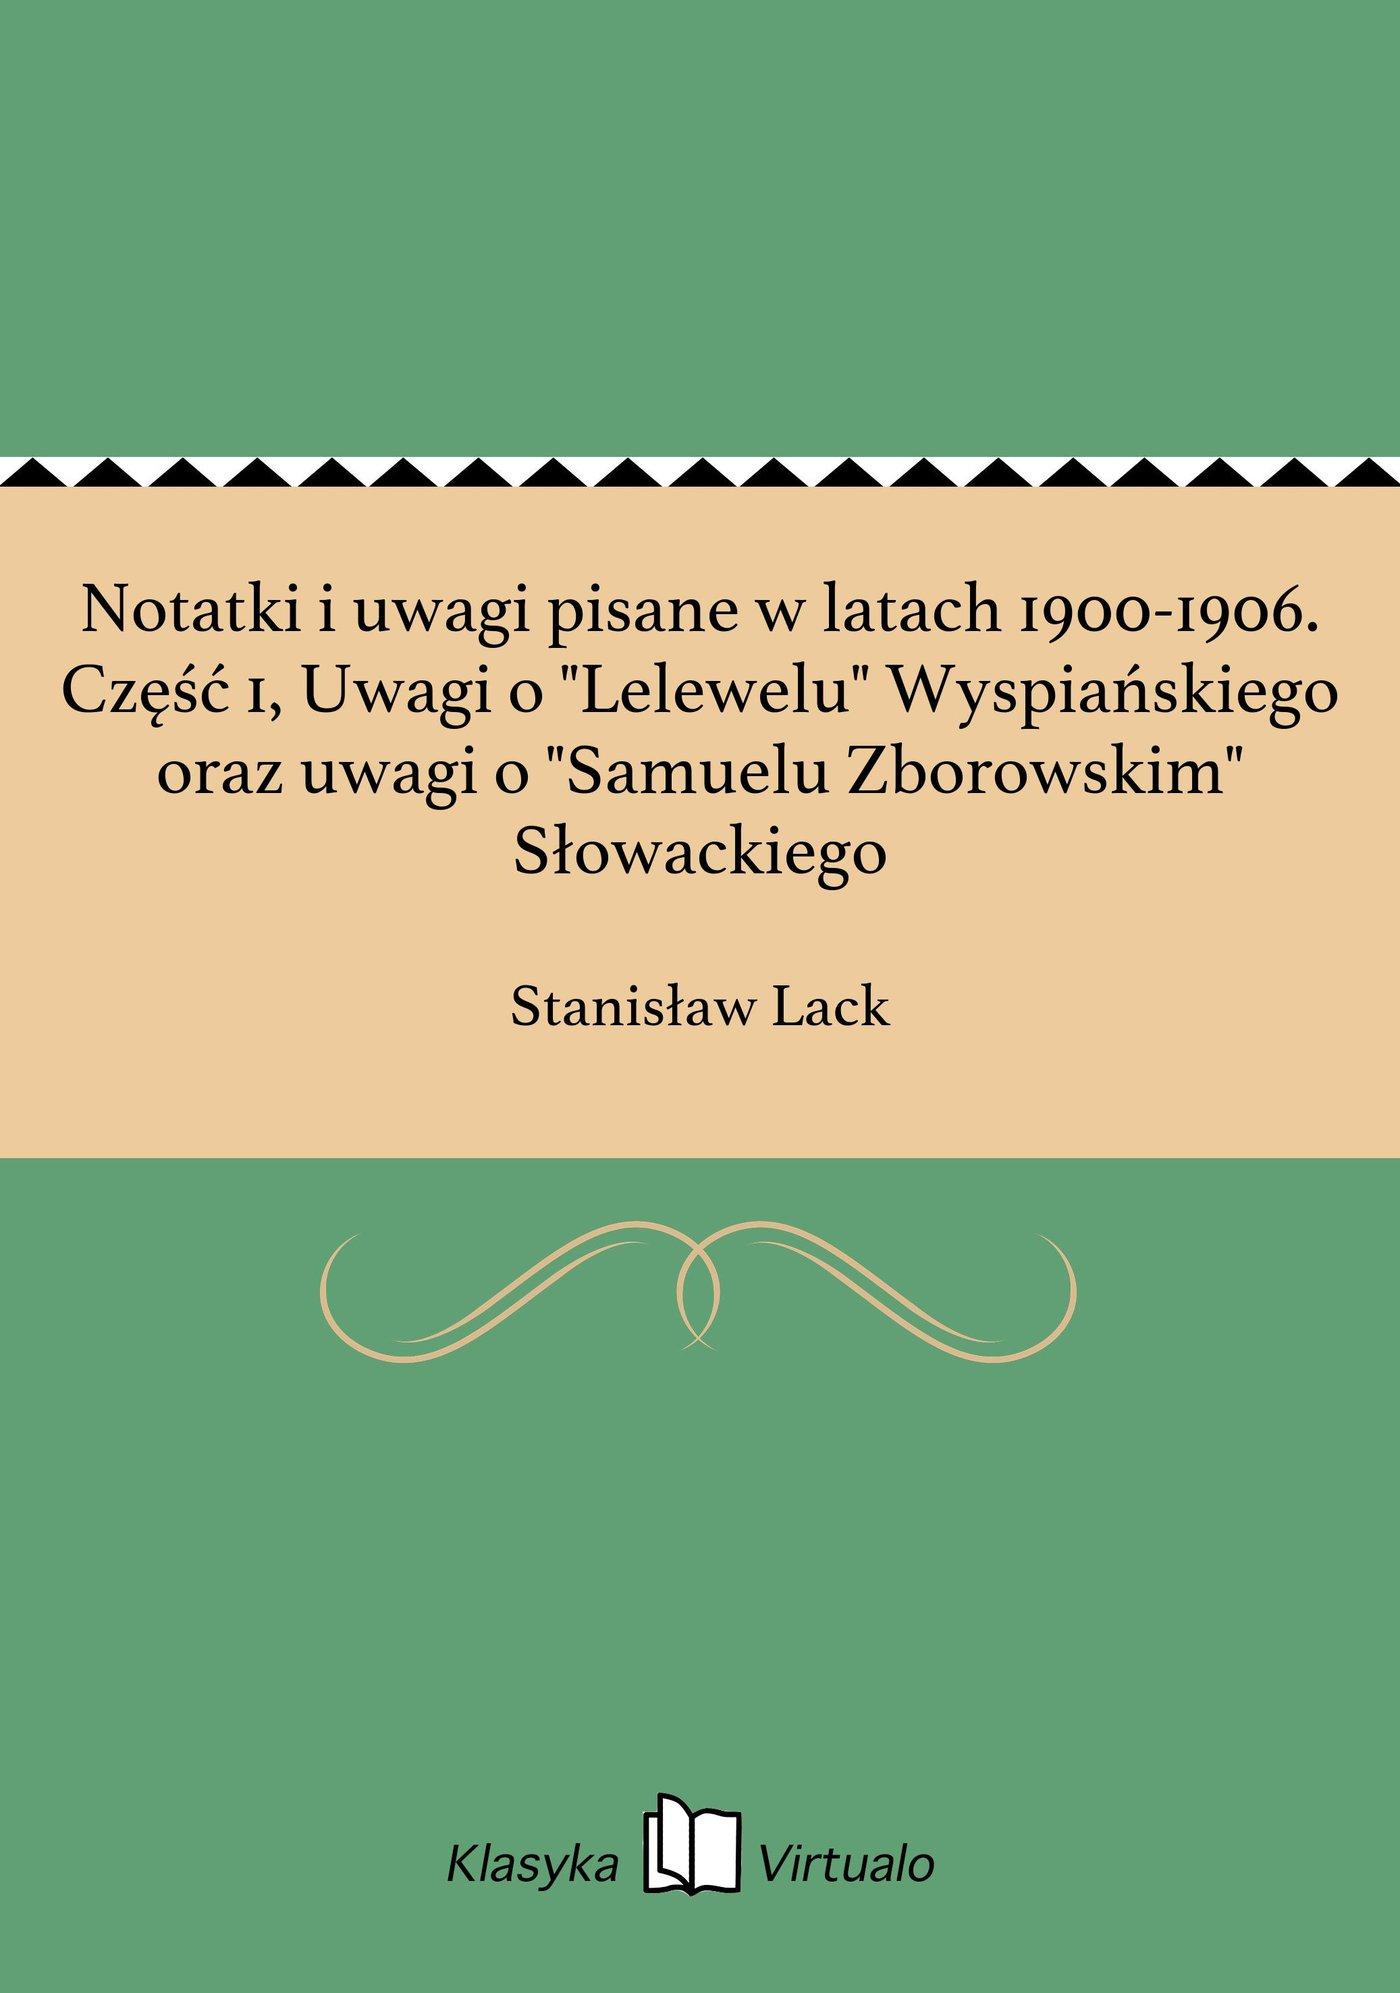 """Notatki i uwagi pisane w latach 1900-1906. Część 1, Uwagi o """"Lelewelu"""" Wyspiańskiego oraz uwagi o """"Samuelu Zborowskim"""" Słowackiego - Ebook (Książka EPUB) do pobrania w formacie EPUB"""